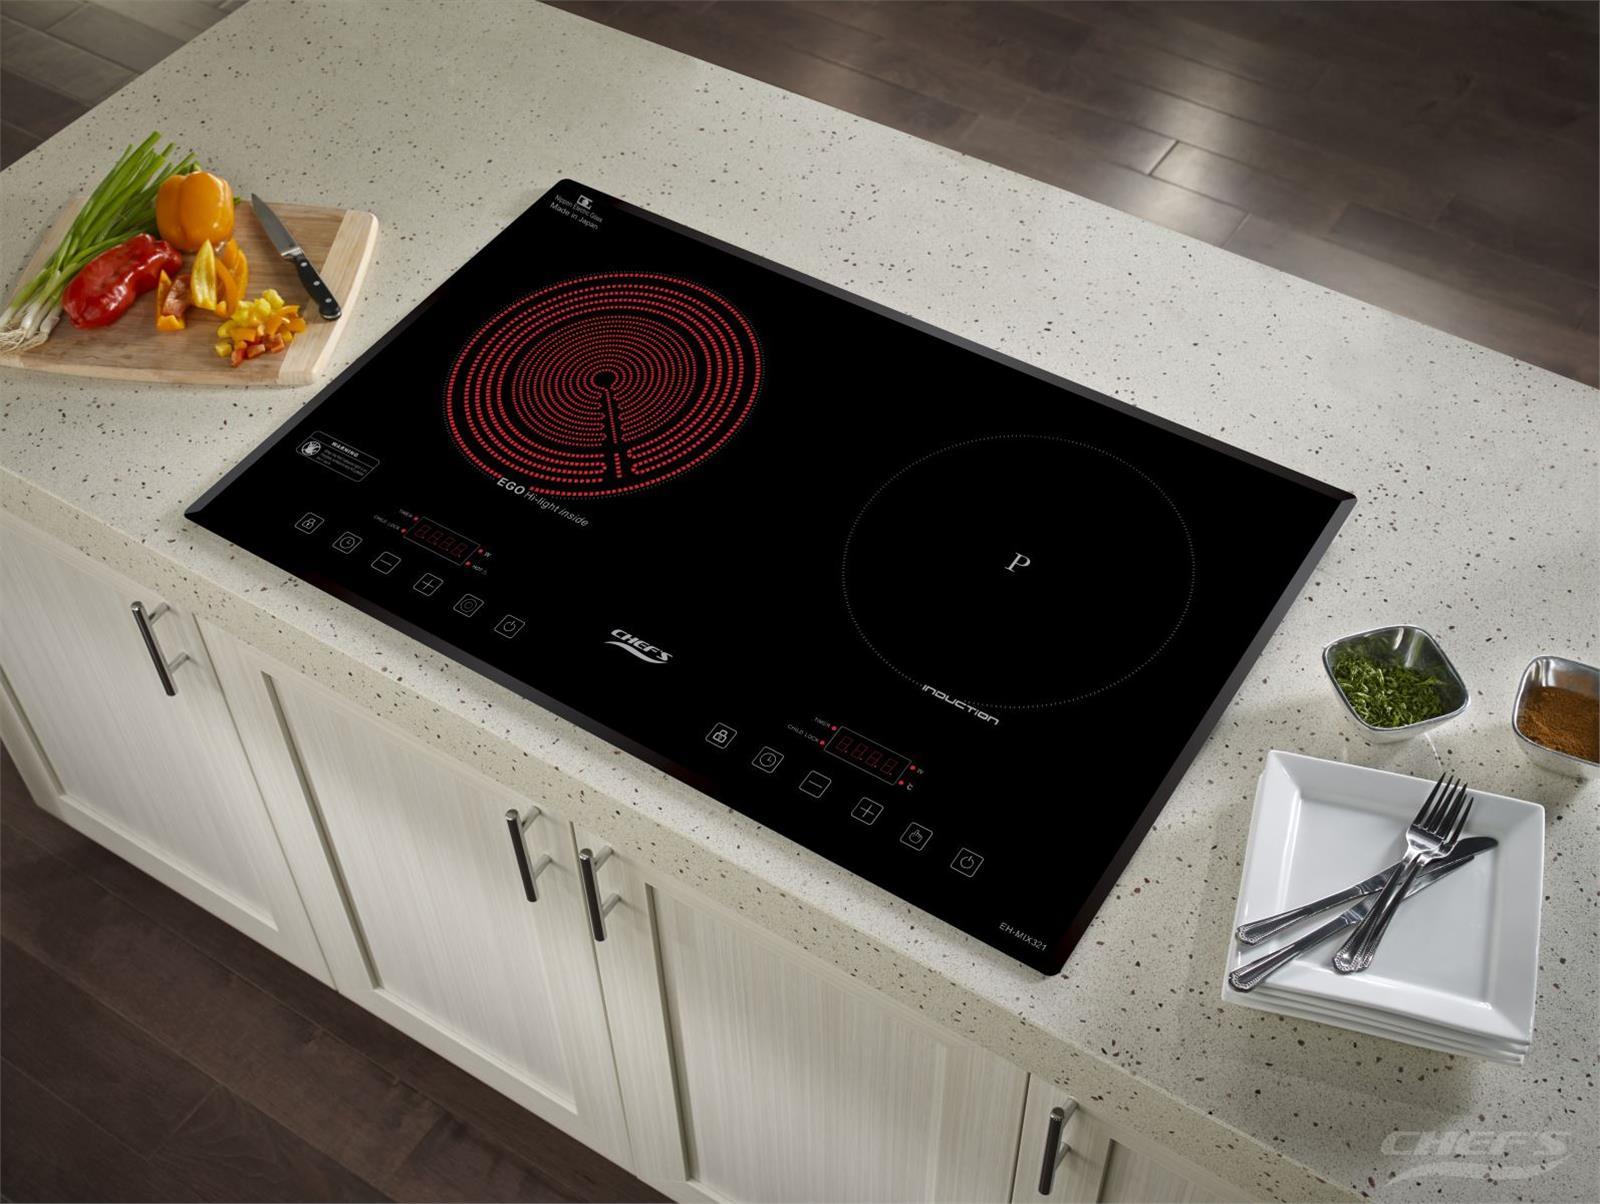 Bếp điện từ hỗn hợp CHEFS EH-MIX321 1